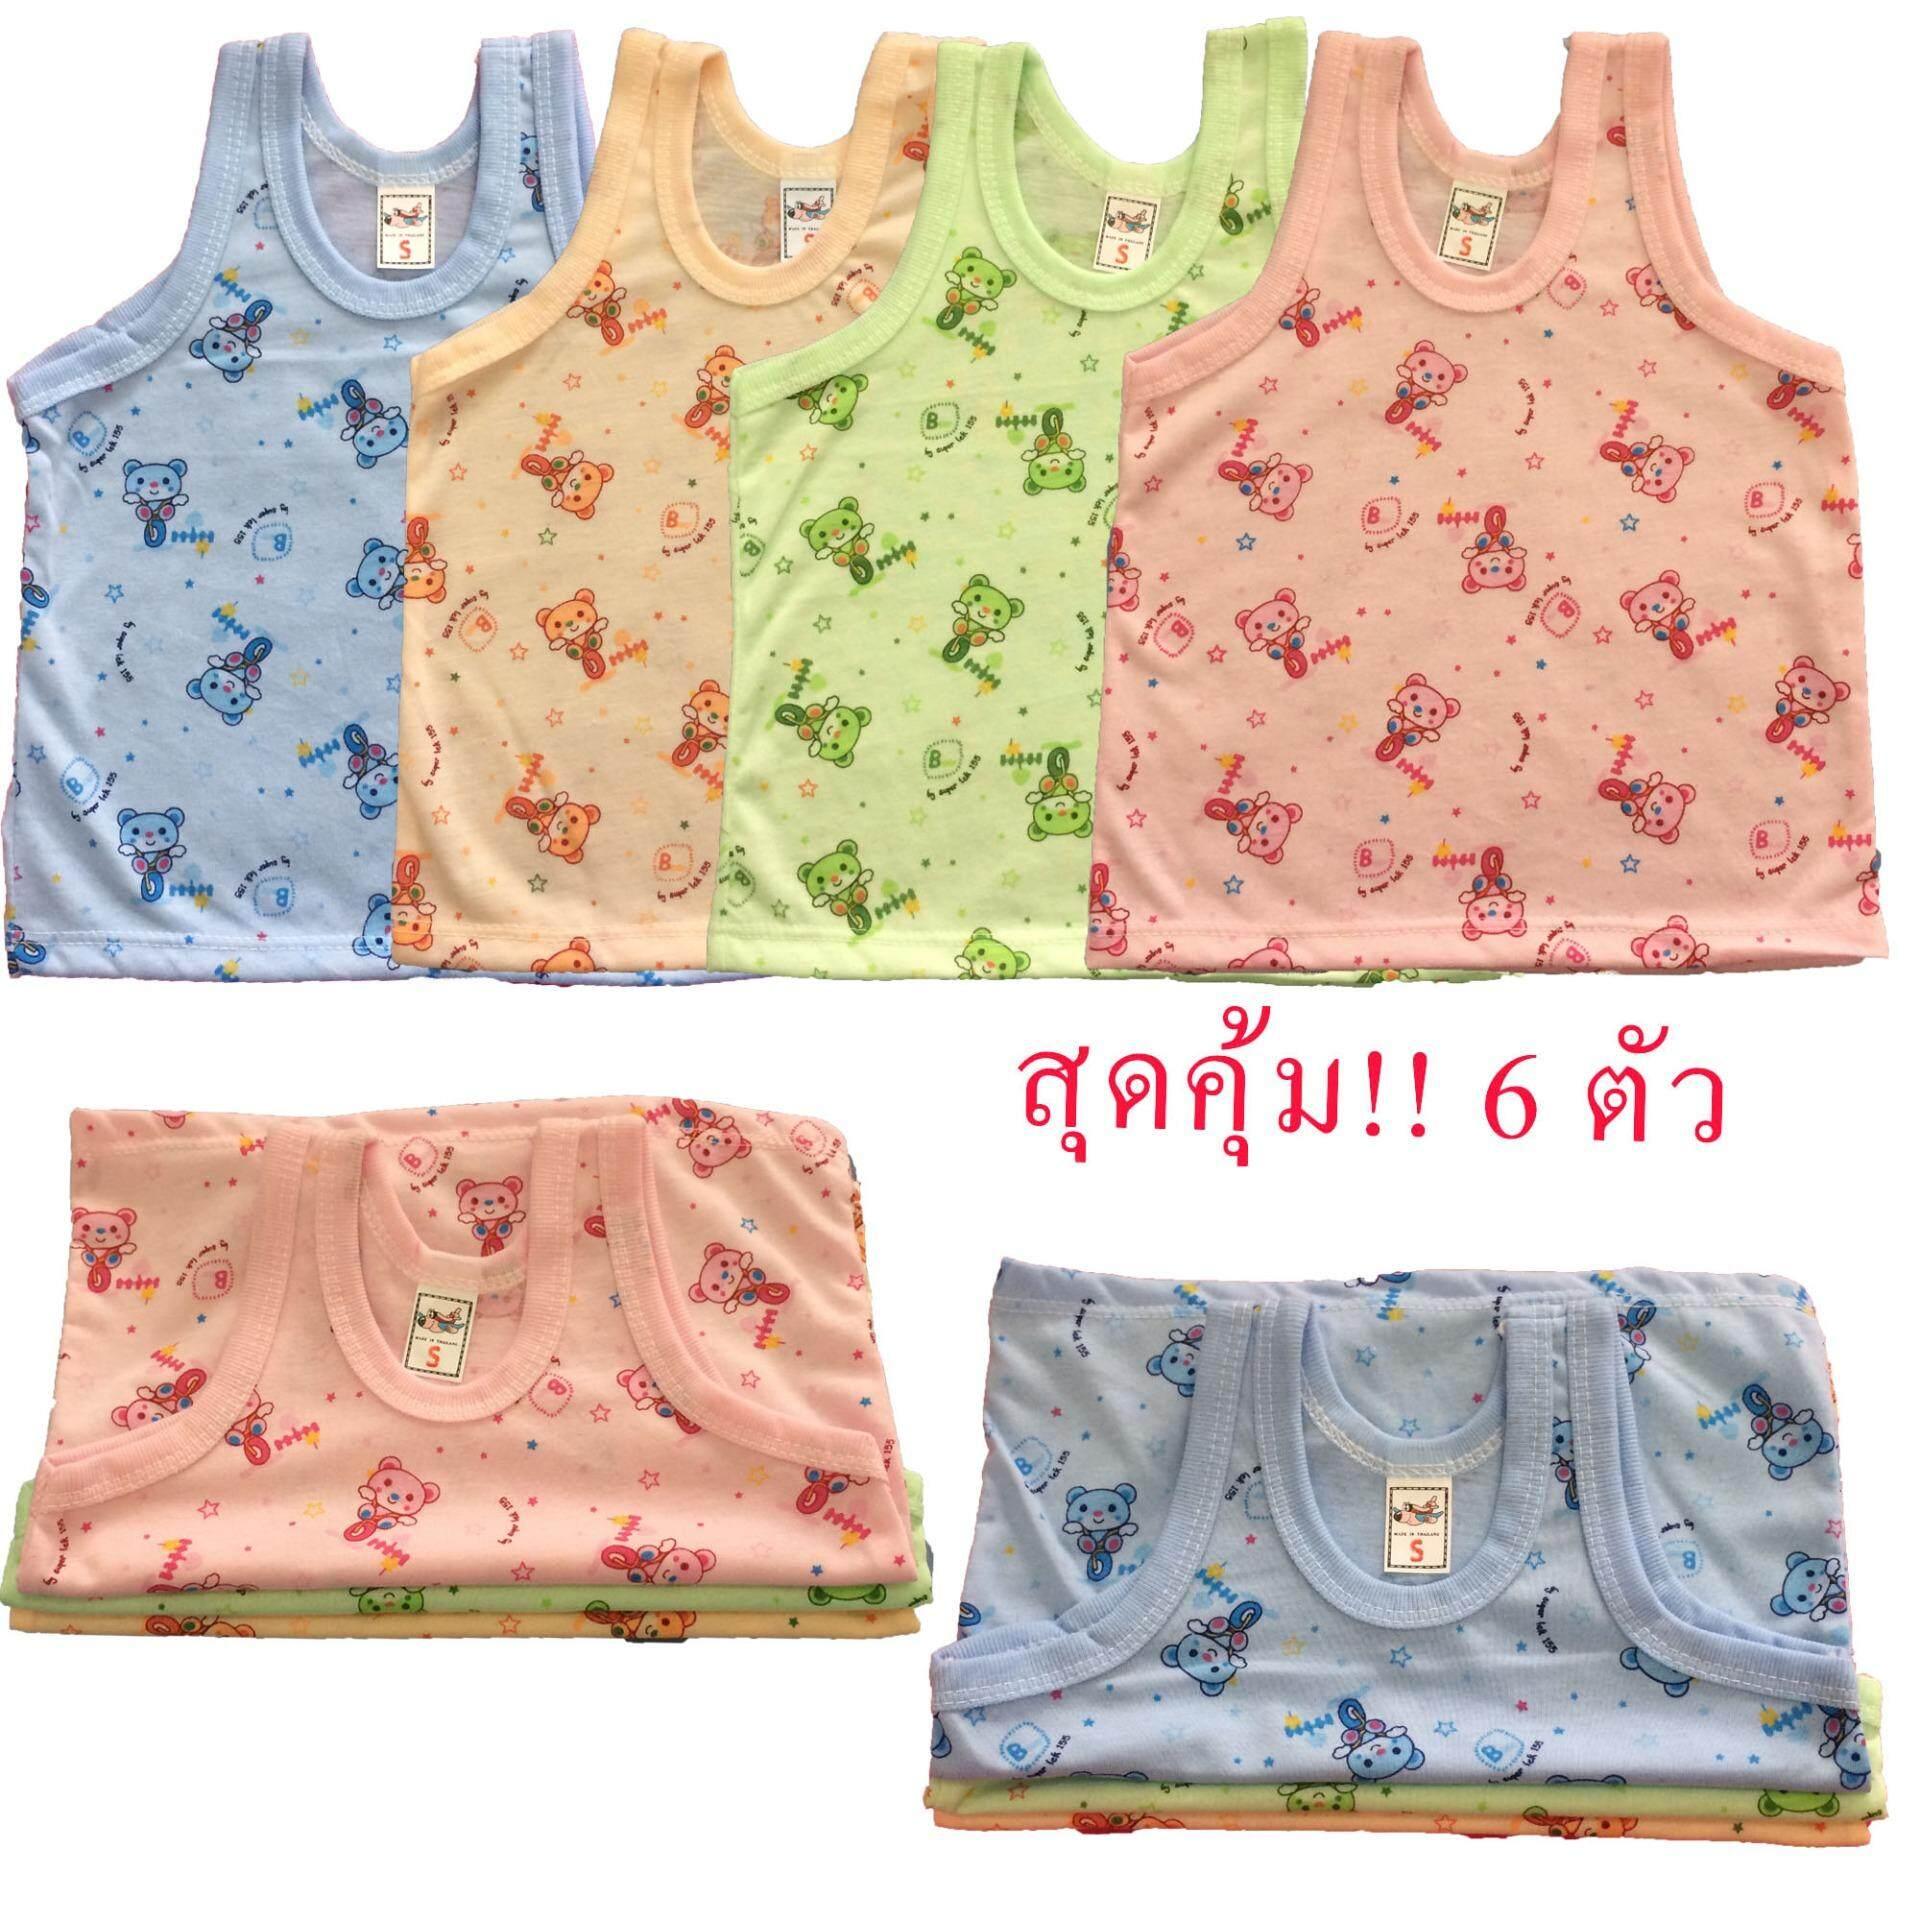 ขาย Kamphu เสื้อกล้าม เสื้อกล้ามเด็ก เสื้อเด็กอ่อน เสื้อชุดเด็กเล็ก เด็กหญิง เด็กชาย แพ็ค 6 ตัว 12 เดือน ออนไลน์ ใน กรุงเทพมหานคร